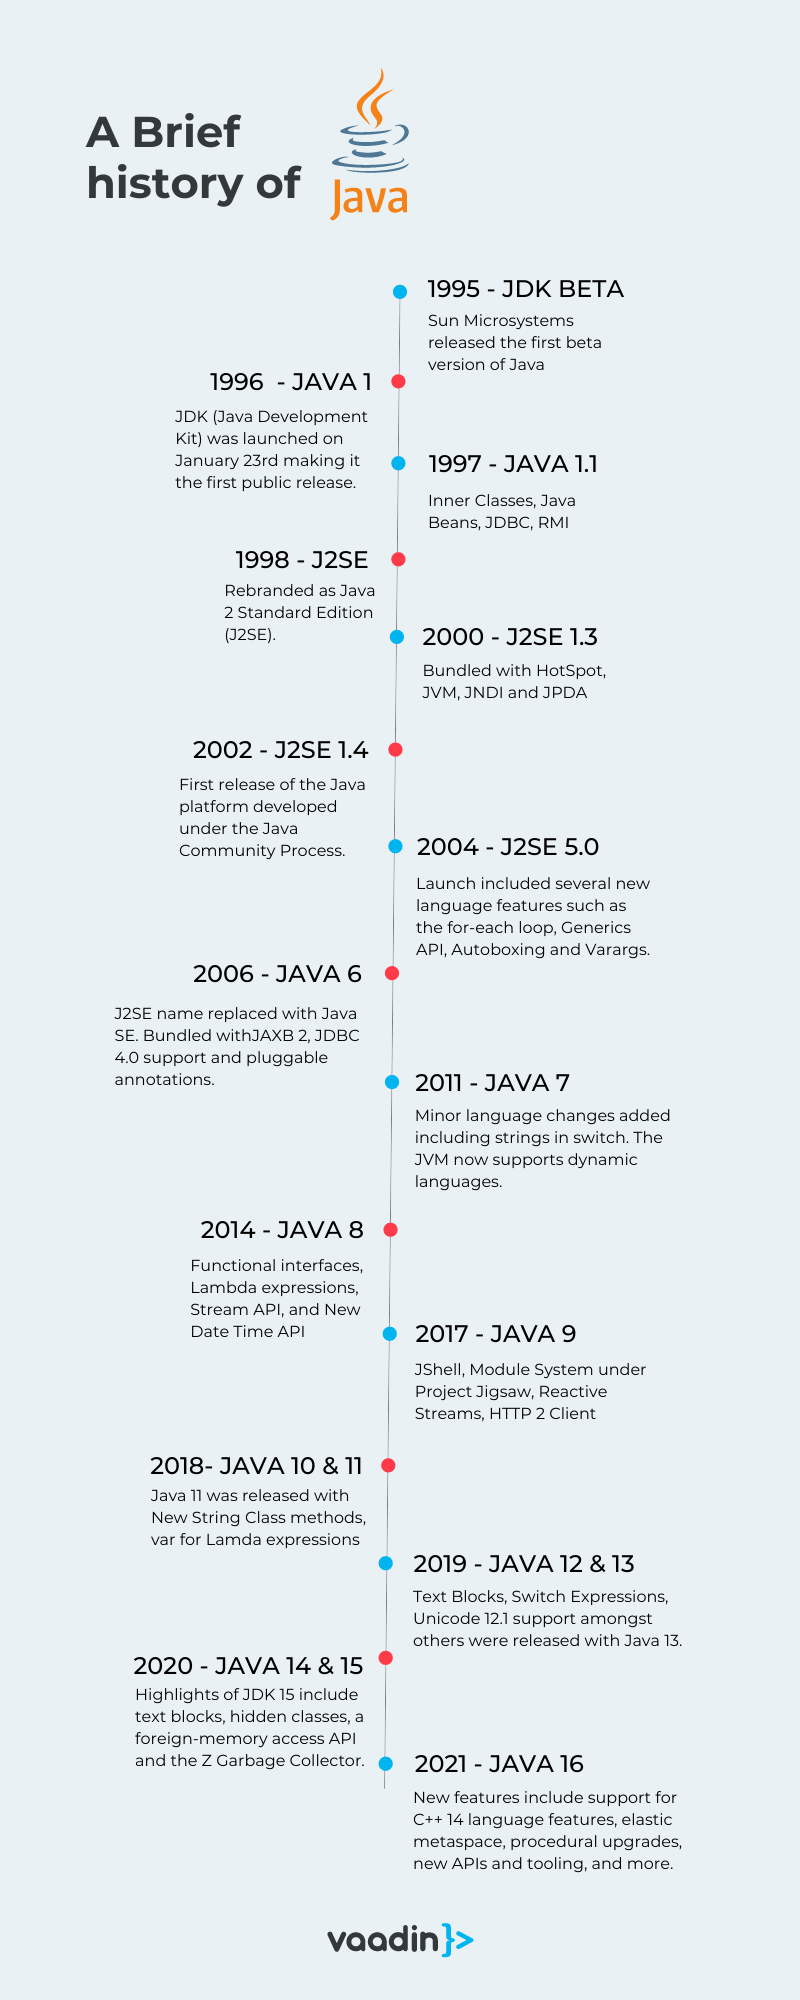 Timeline of Java's evolution